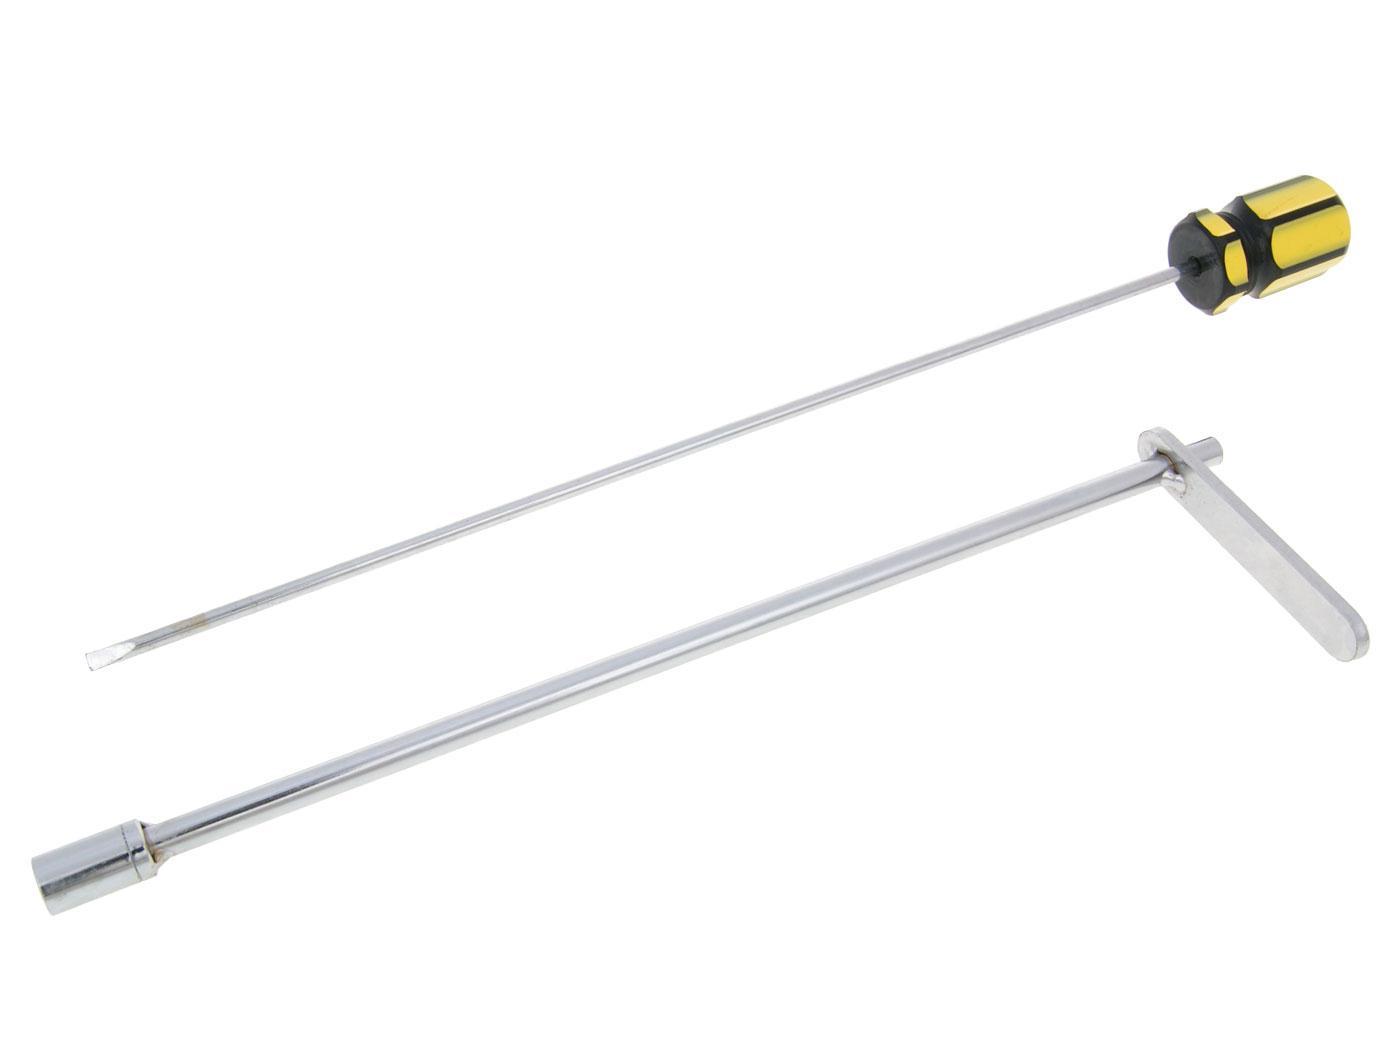 Schraubendreher Vergaser Einstellwerkzeug 280mm 8mm Sechskan